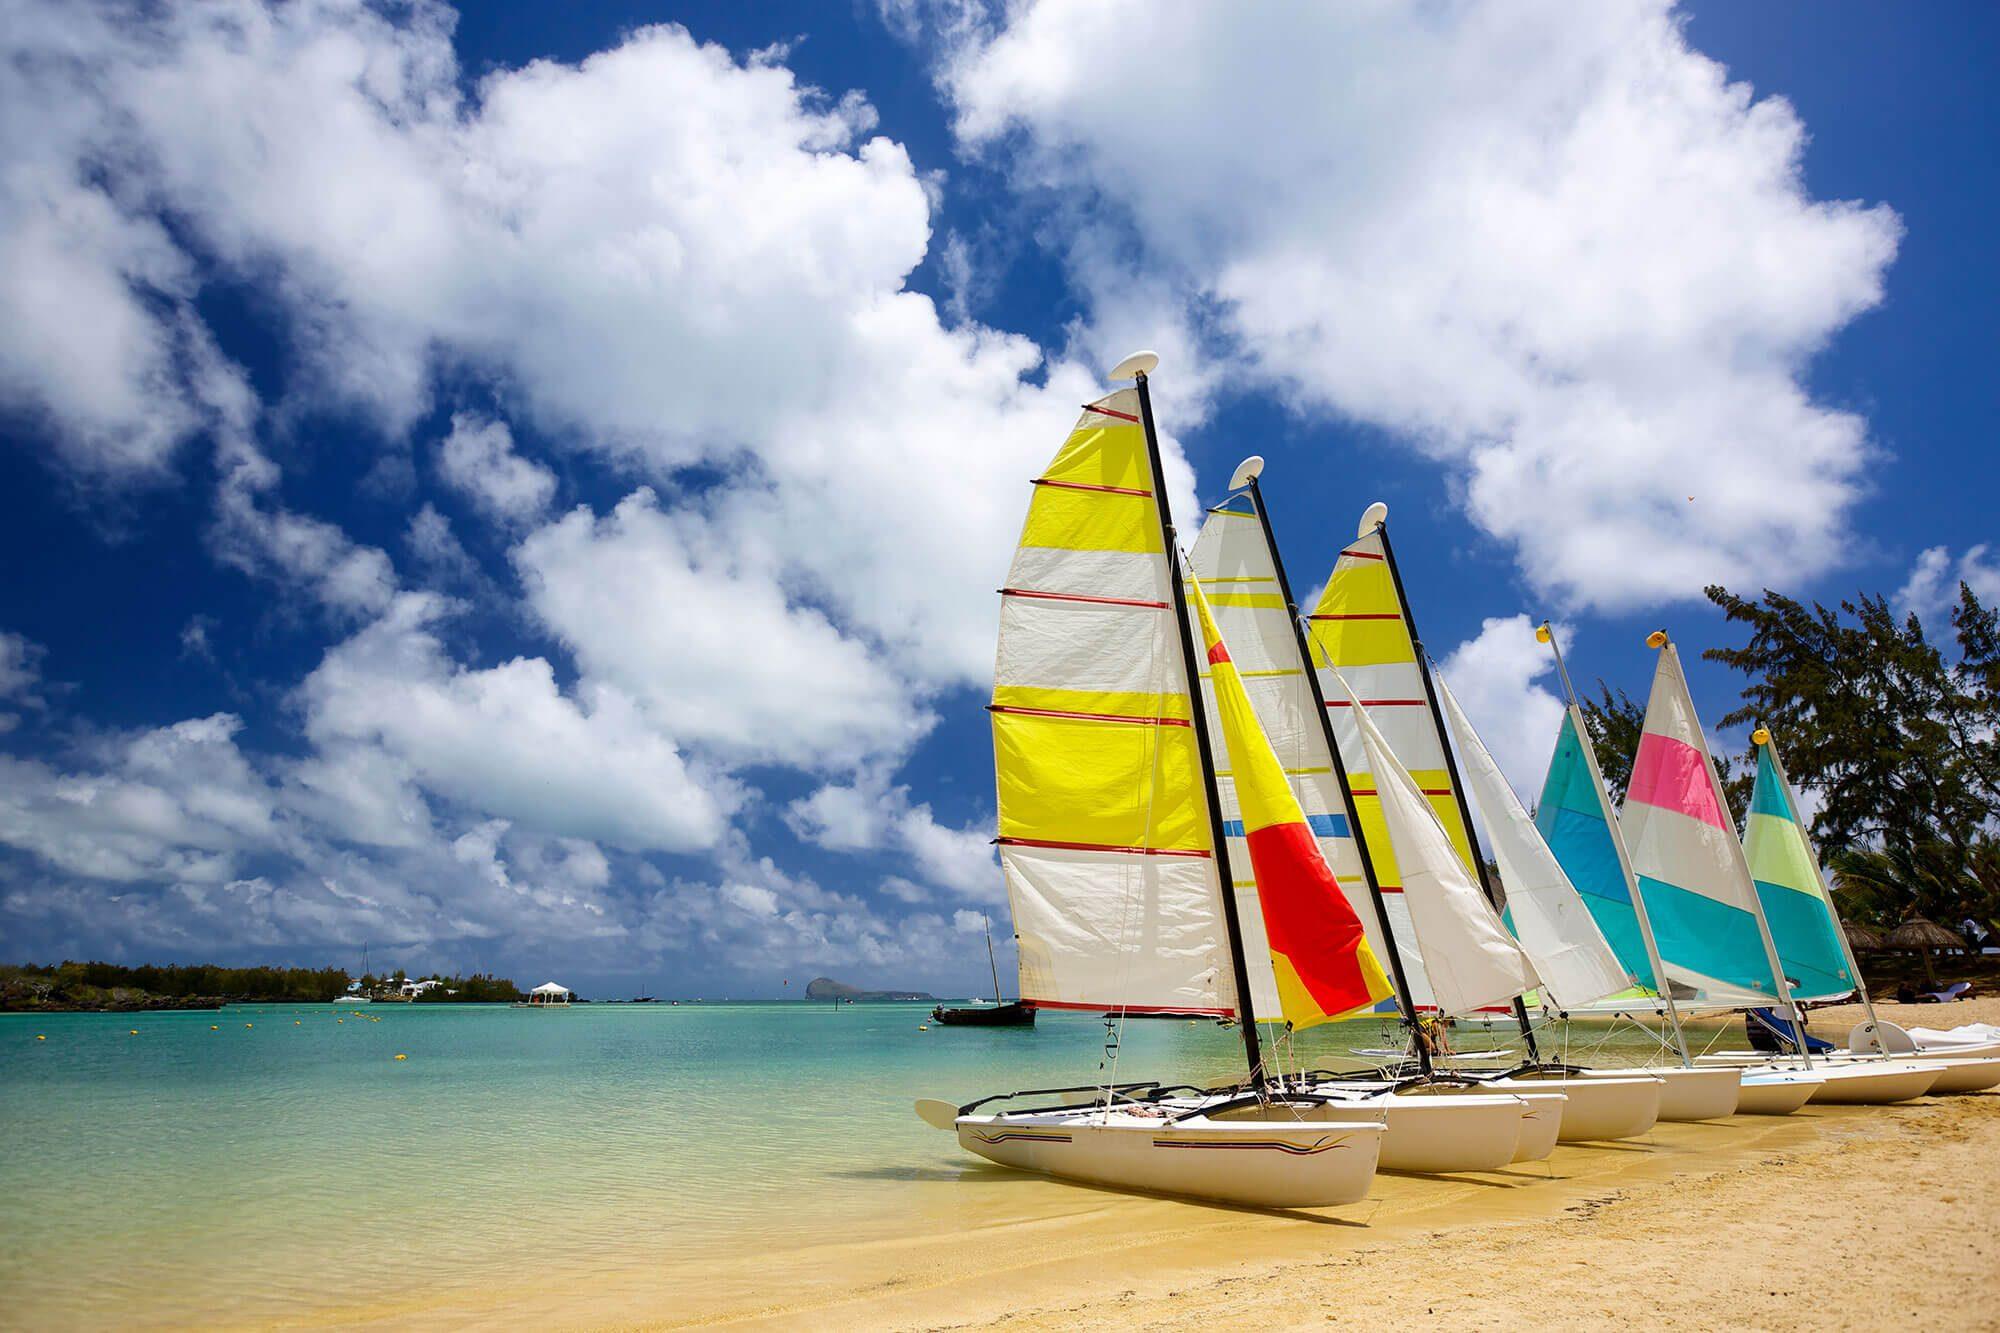 mauritius beach P75VM8M ohp3ux4y78z81dixeofn5qvjsgxo2caxesb6i4ktts - Estate Listing